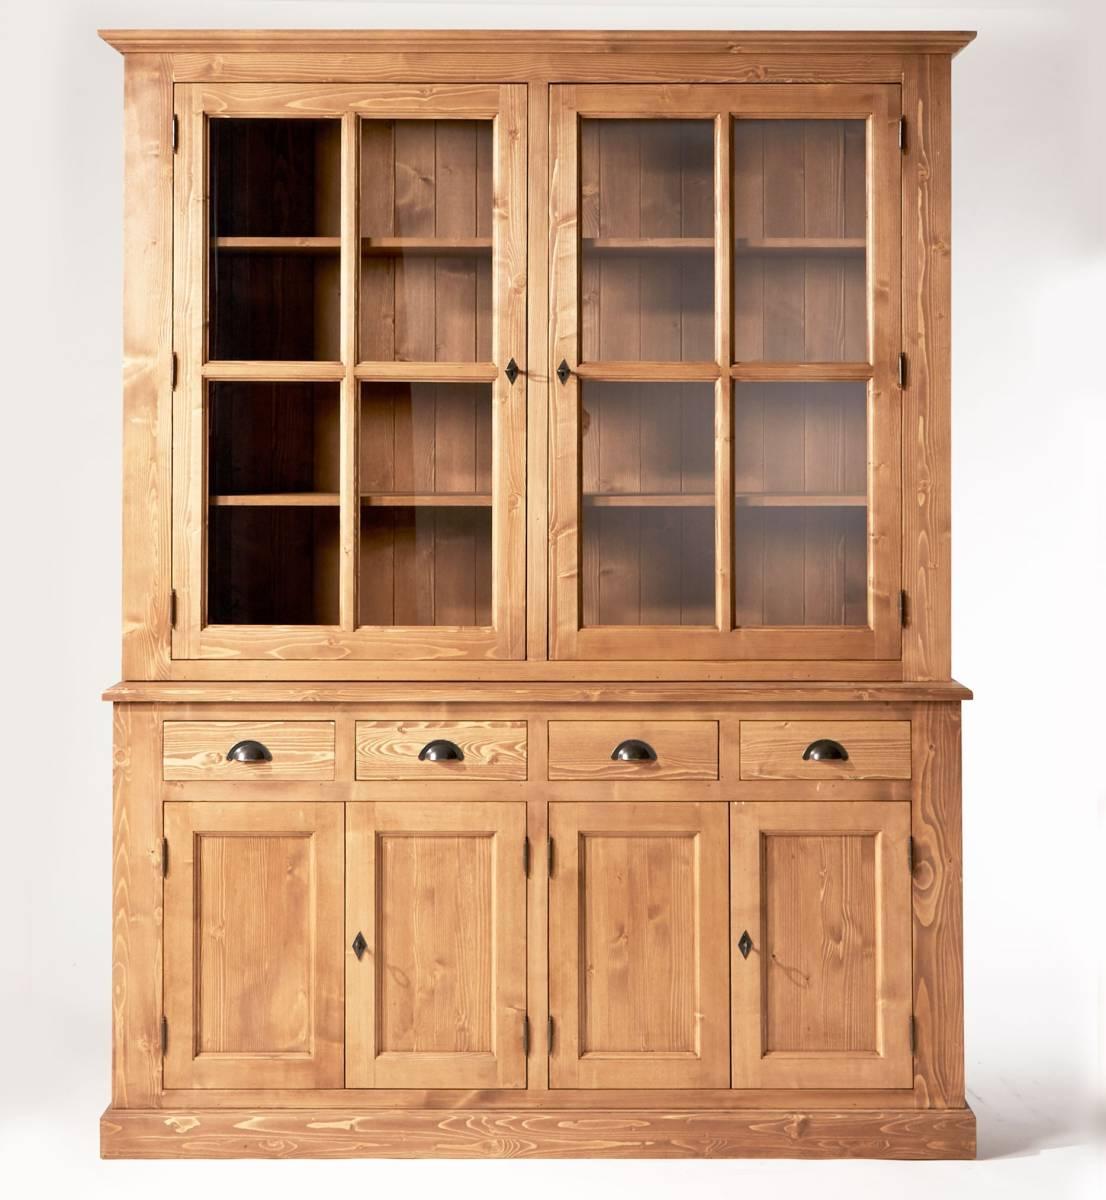 meuble vaisselier bois massif cire miel le blog d co de made in meubles. Black Bedroom Furniture Sets. Home Design Ideas